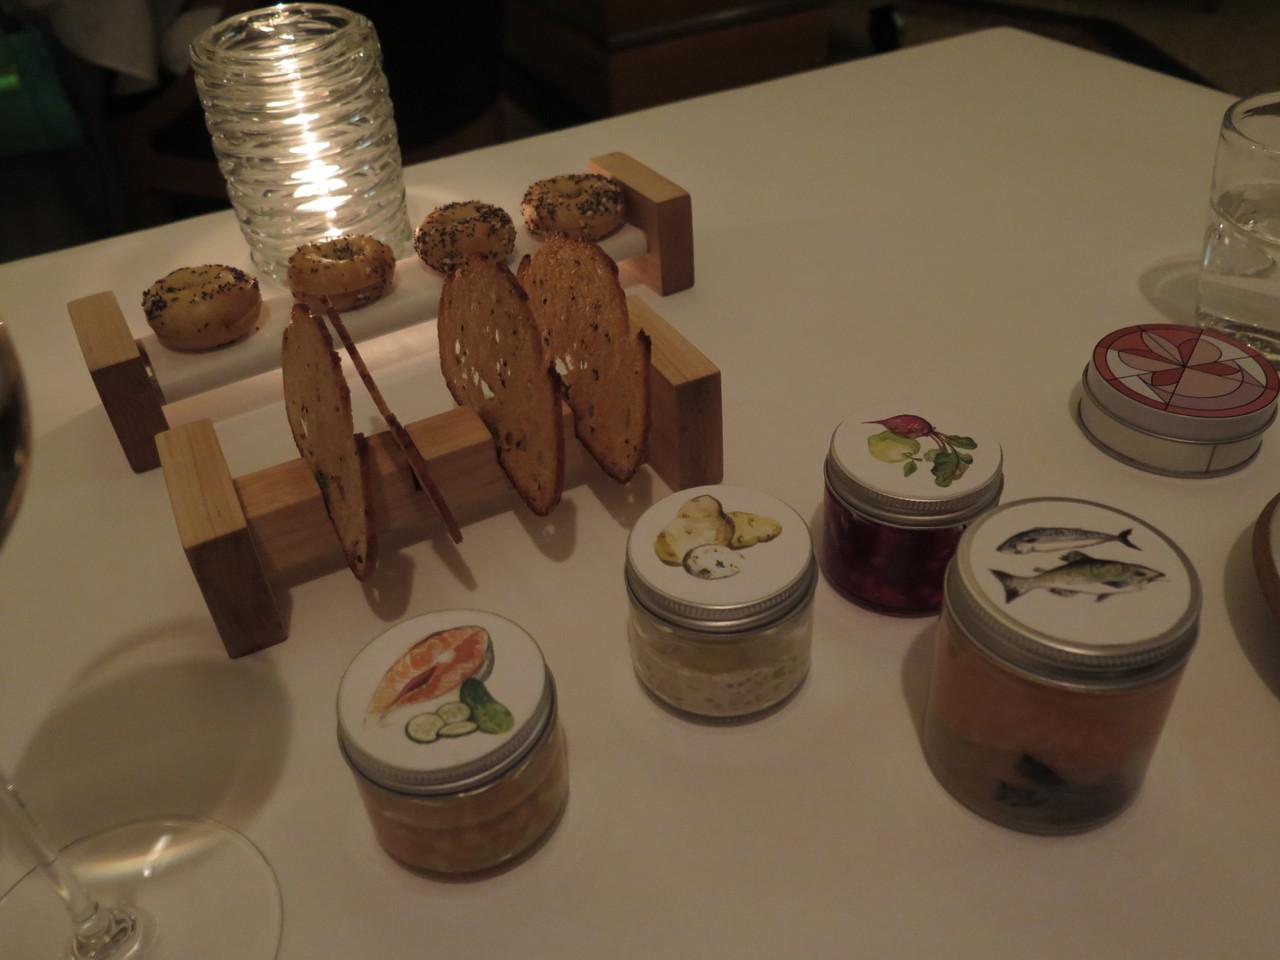 Homenagem de Daniel Humm aos 'appetizing stores' judaicos de Nova Iorque